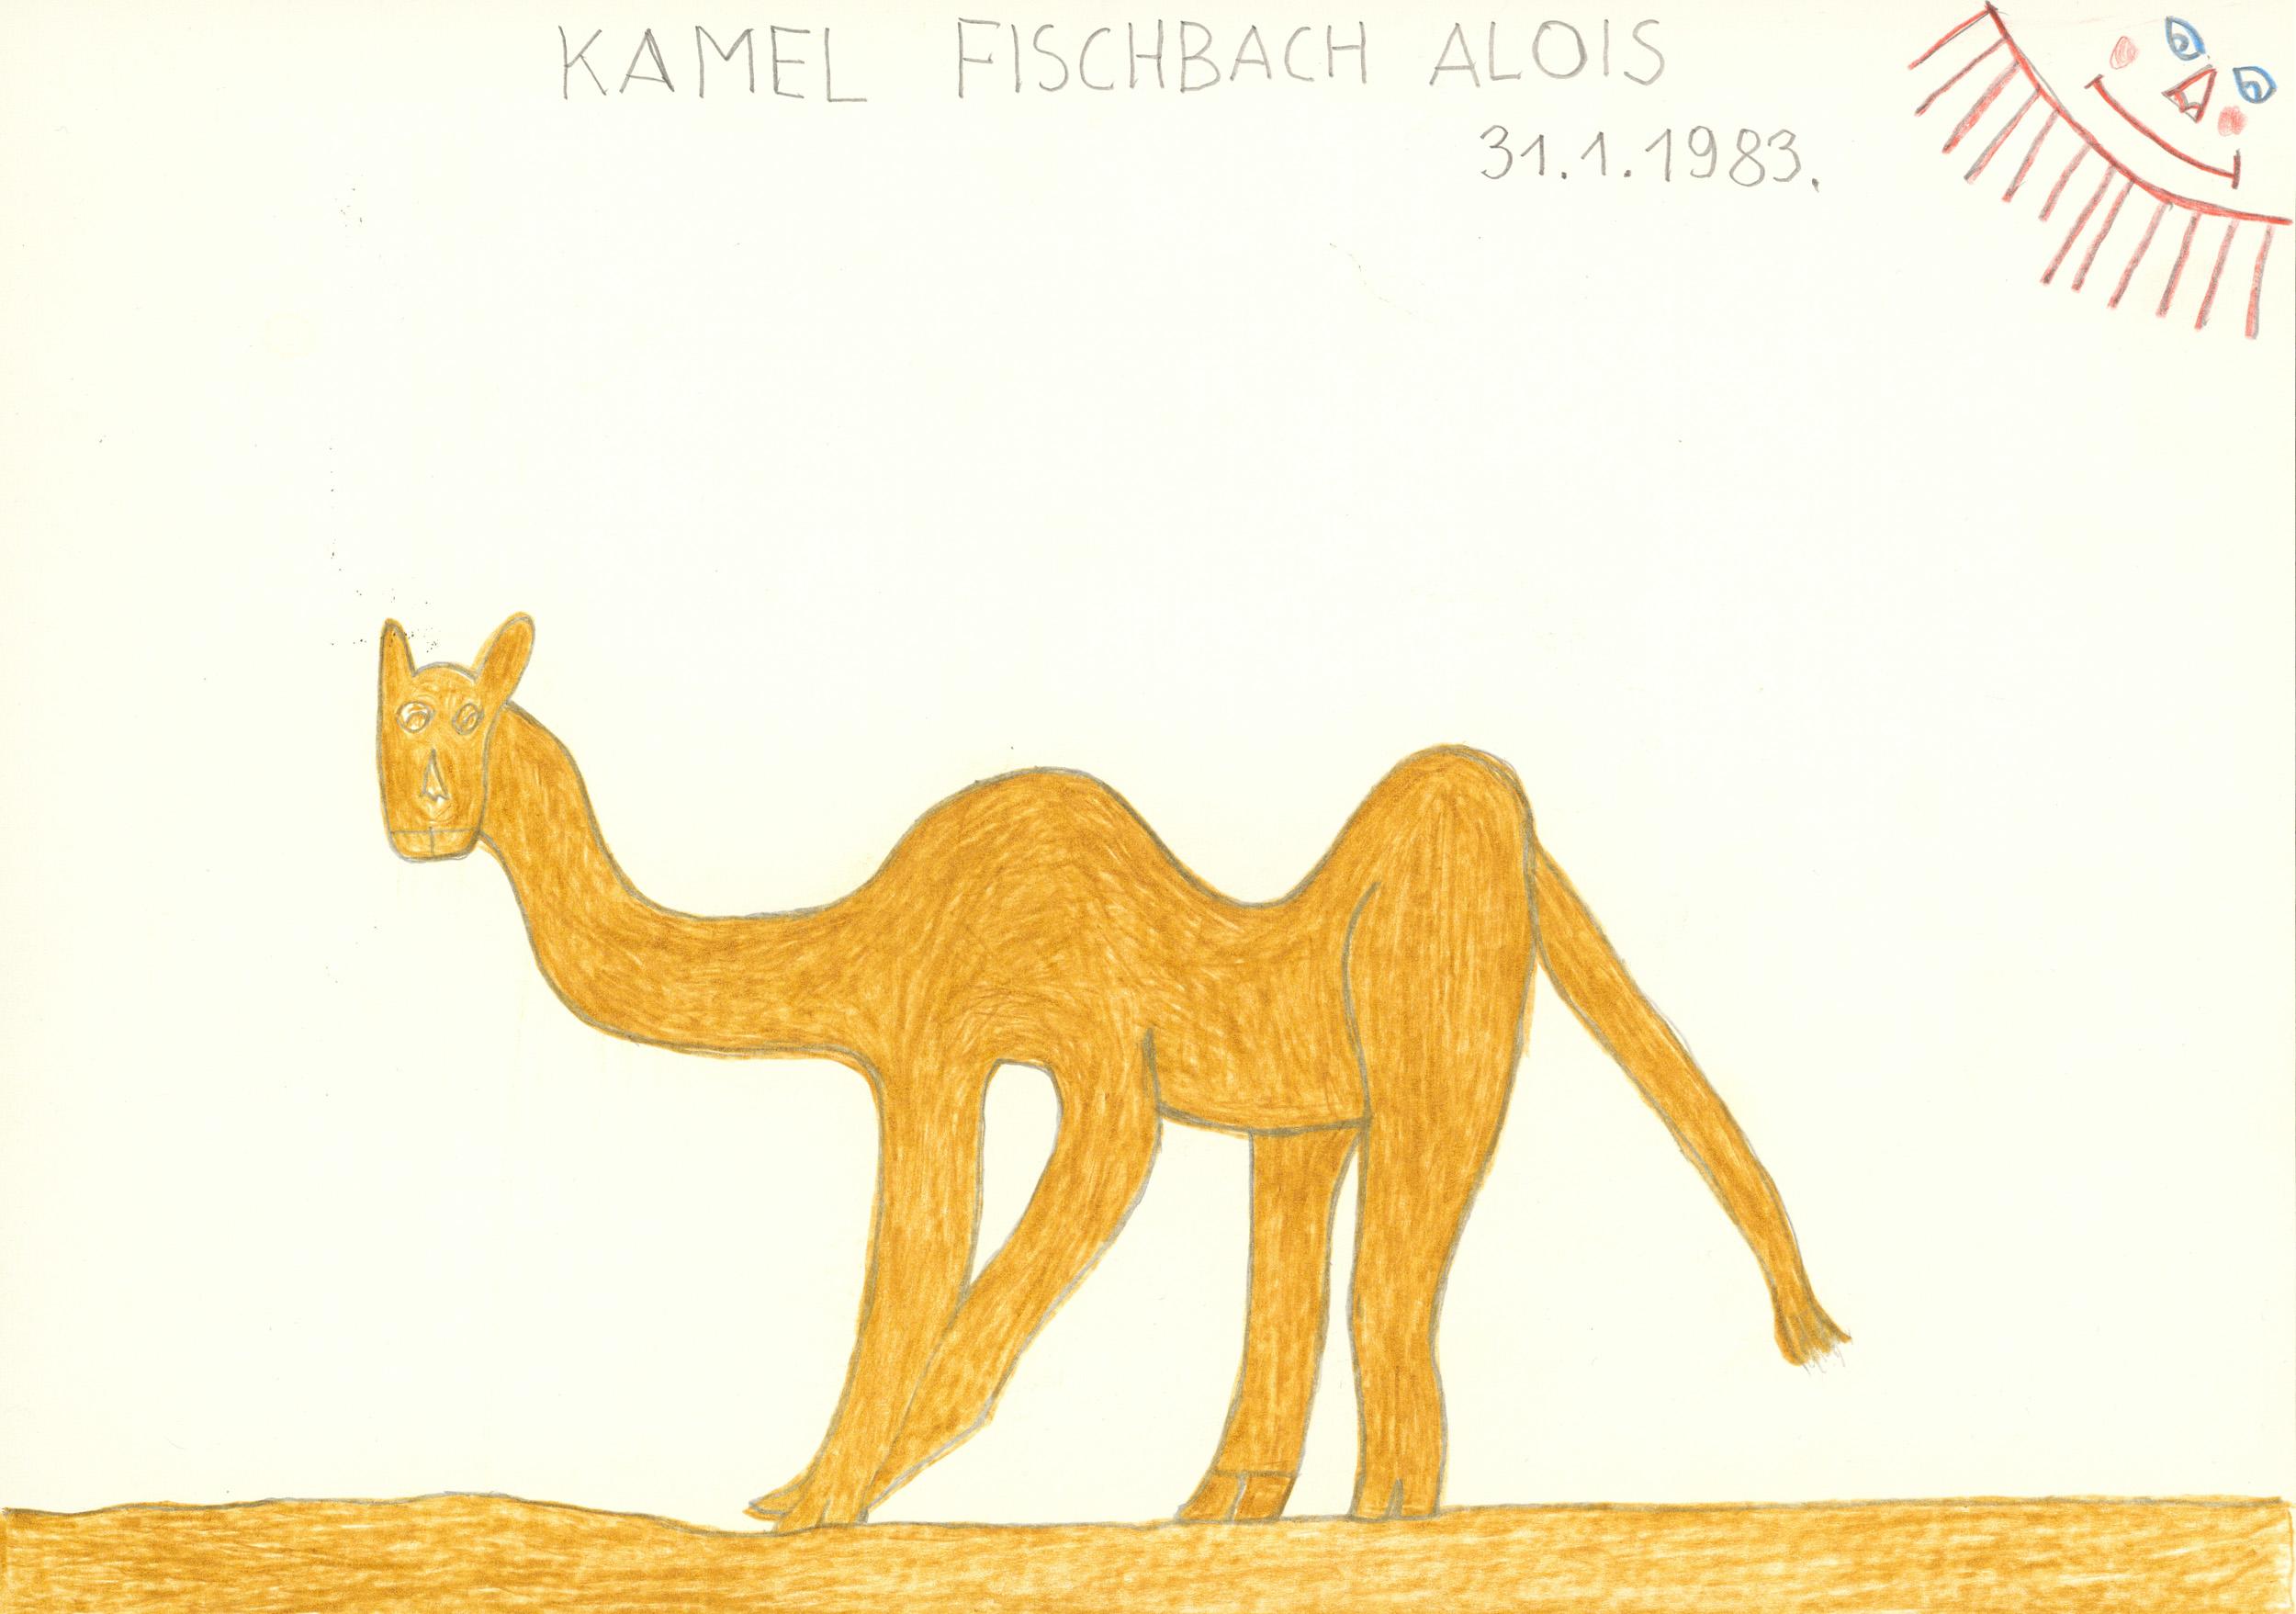 fischbach alois - kamel / camel